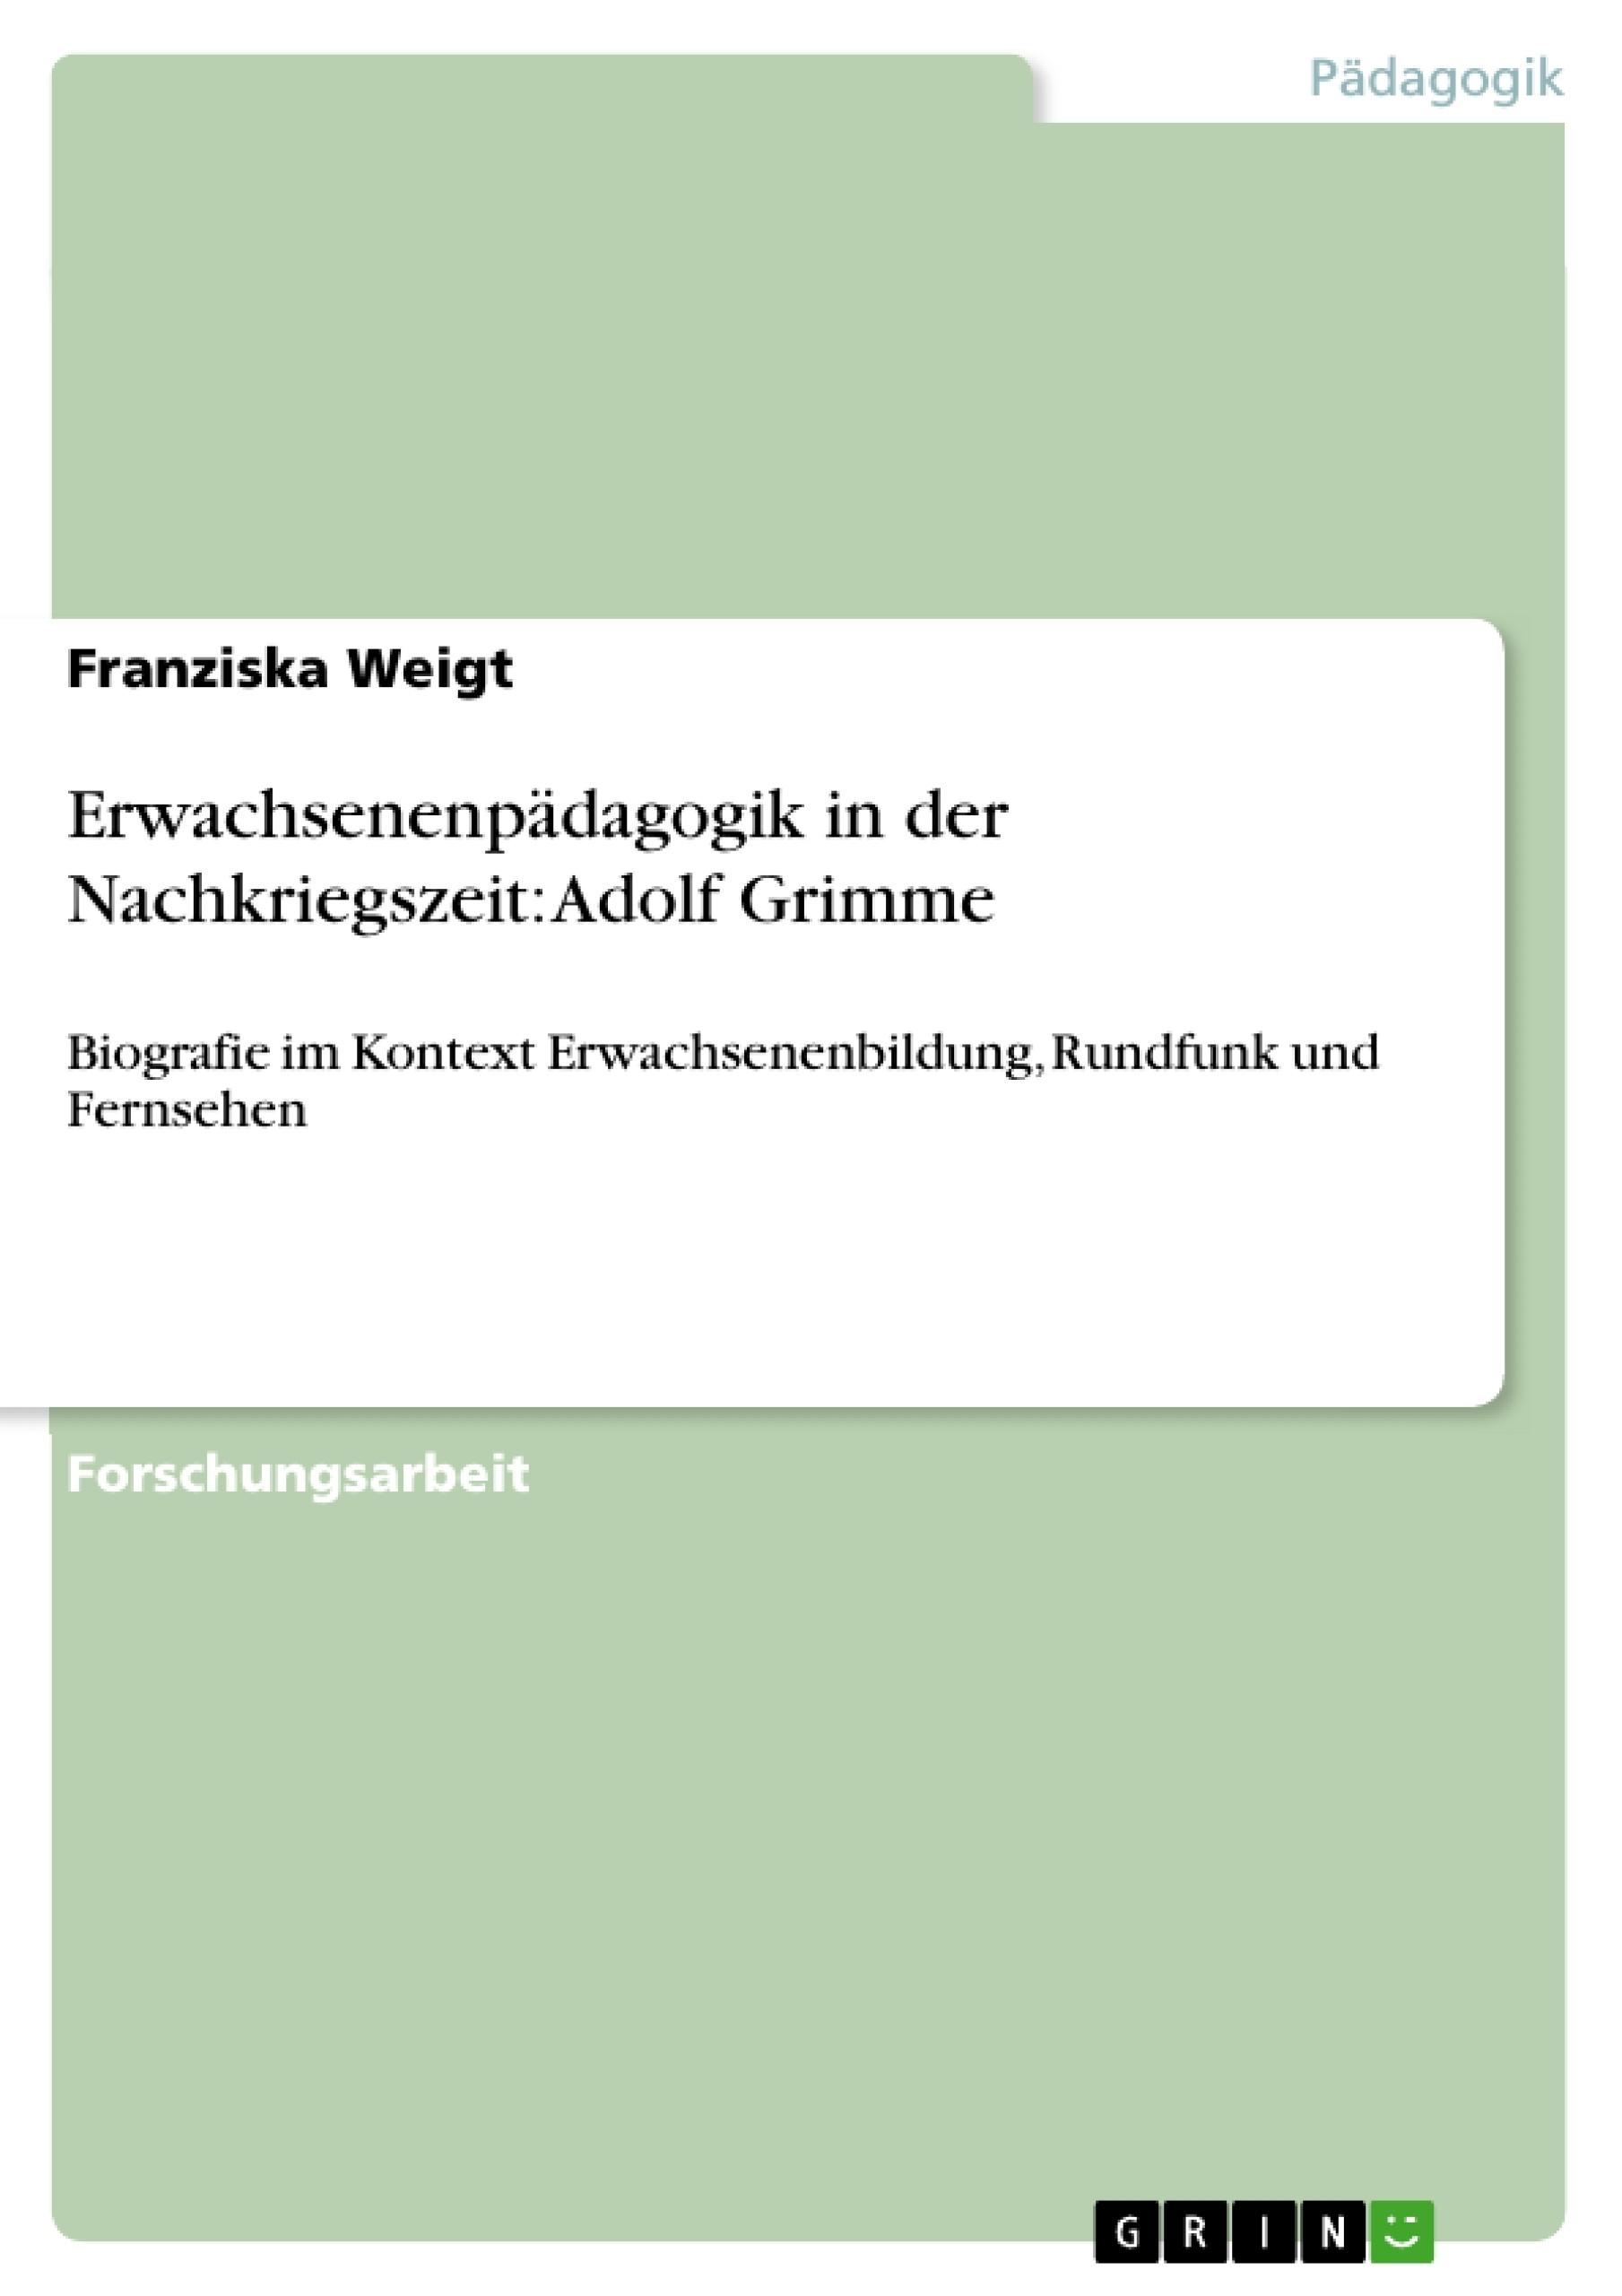 Titel: Erwachsenenpädagogik in der Nachkriegszeit: Adolf Grimme